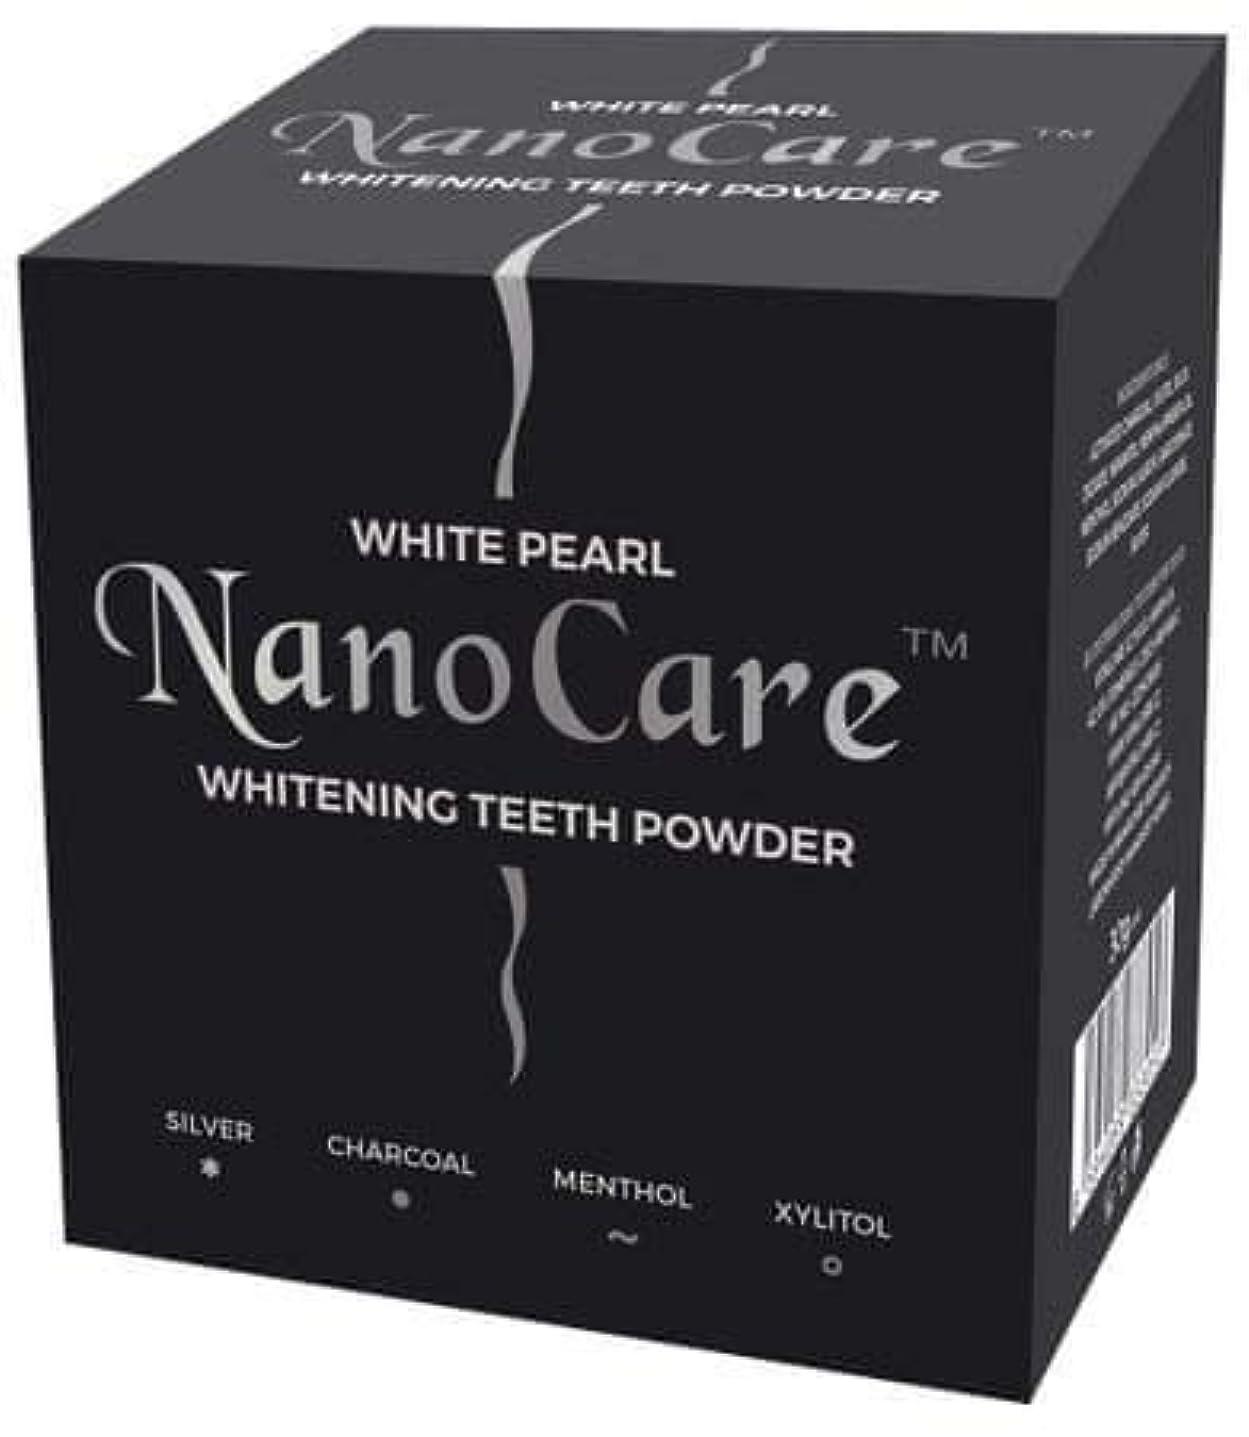 通行料金宴会カウンタNano Care Whitening Powder with Active Charcoal and Silver nanoparticles 30g Made in Korea / 活性炭と銀ナノ粒子30gのナノケアホワイトニングパウダー韓国製